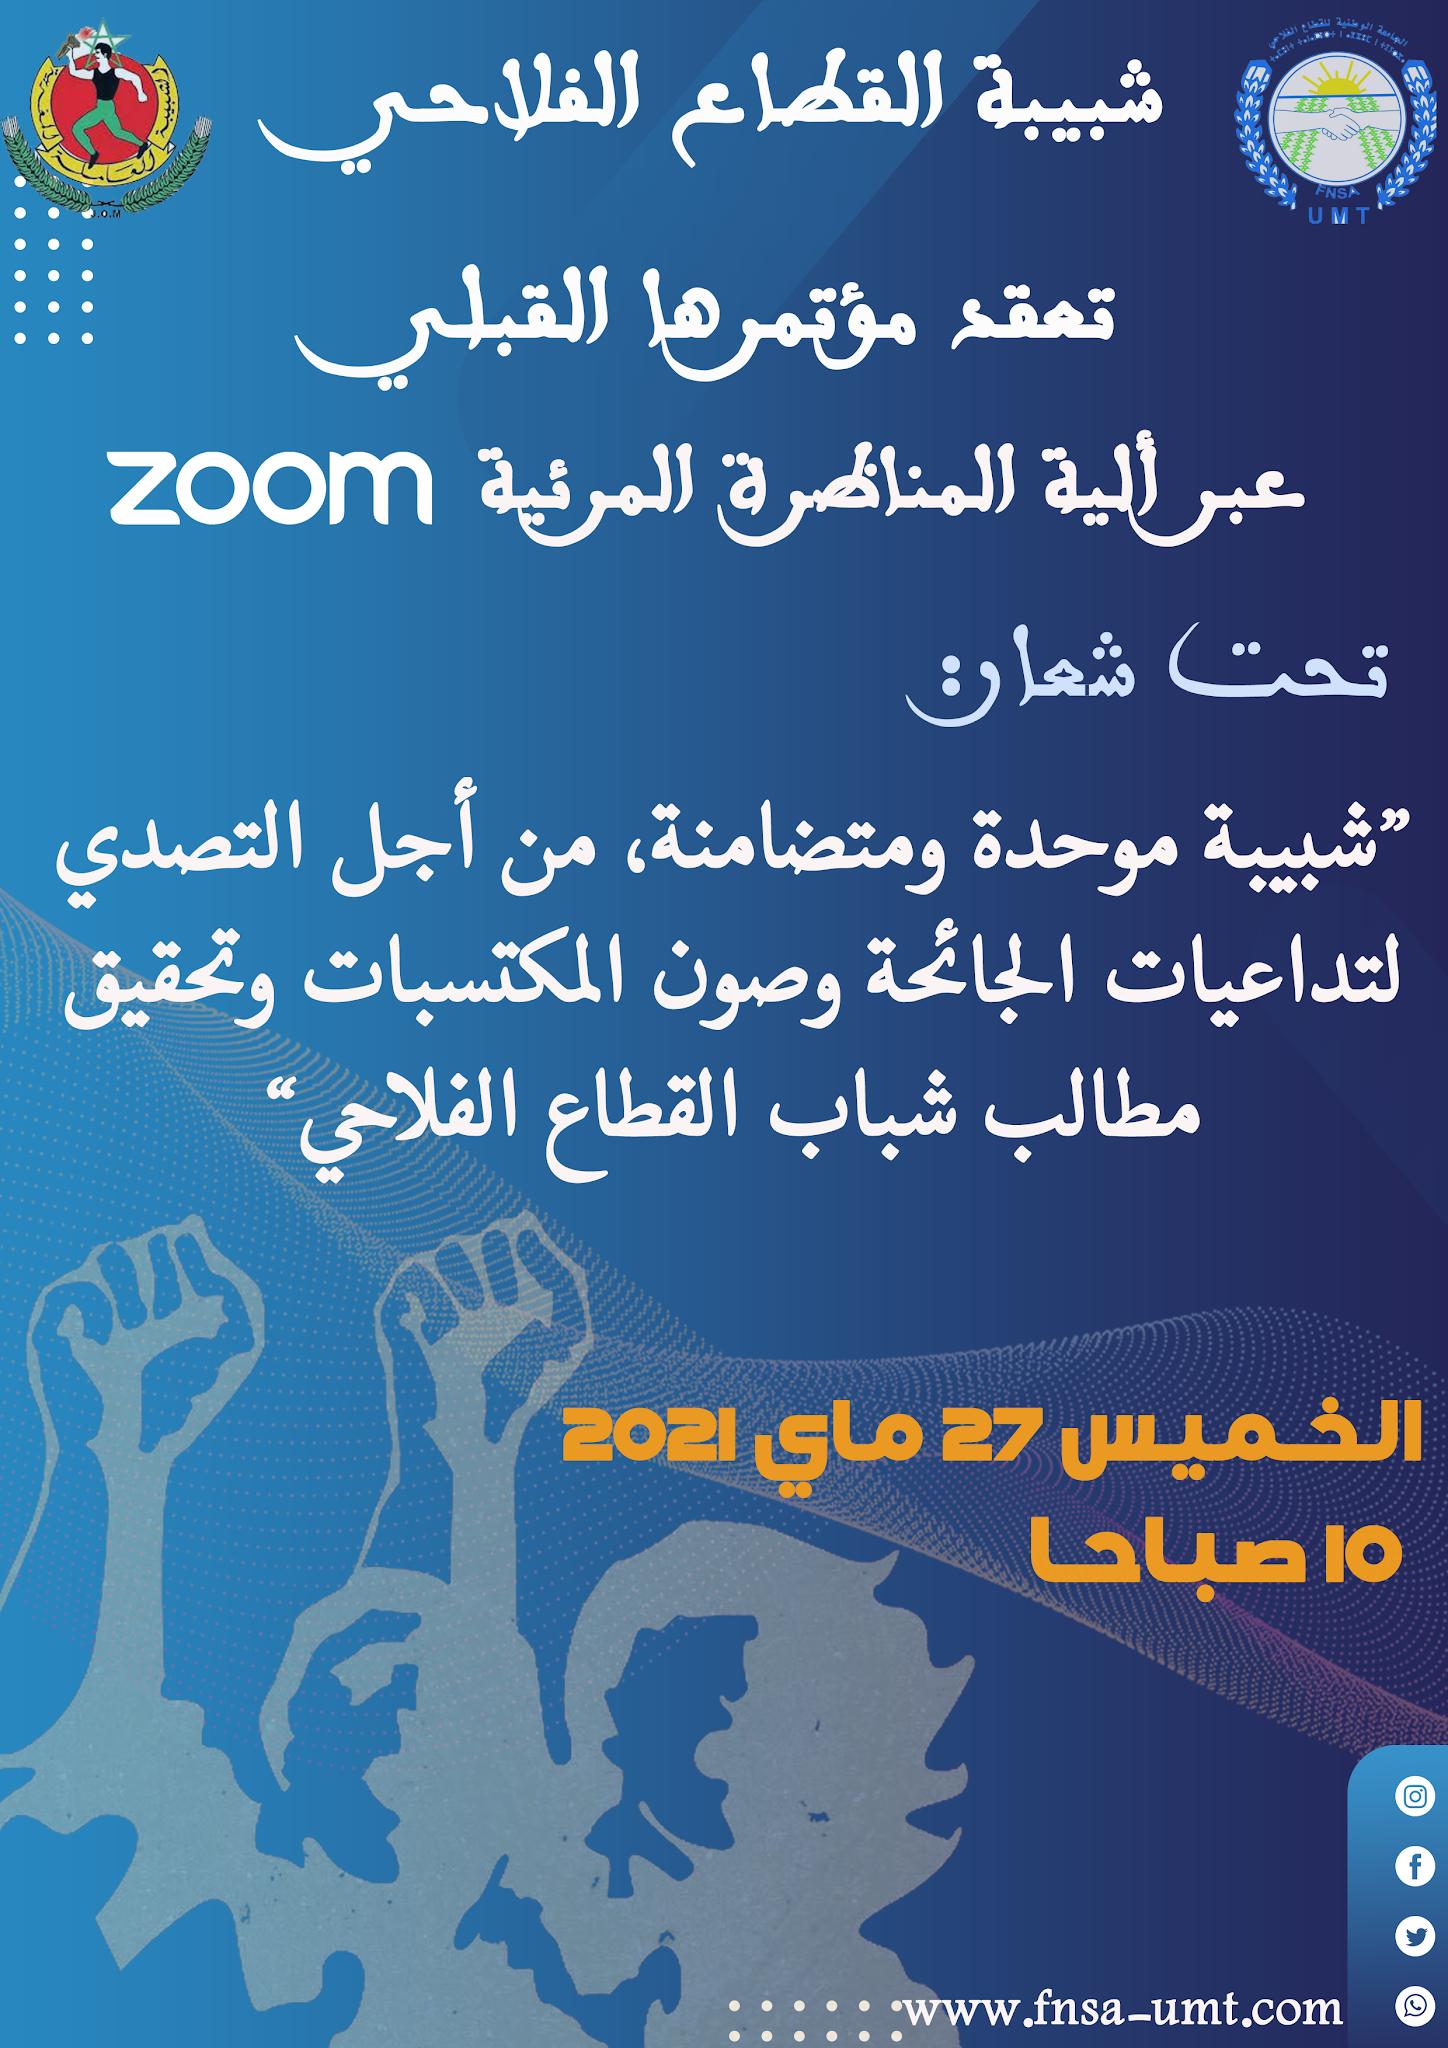 ملصق المؤتمر القبلي لشبيبة القطاع الفلاحي